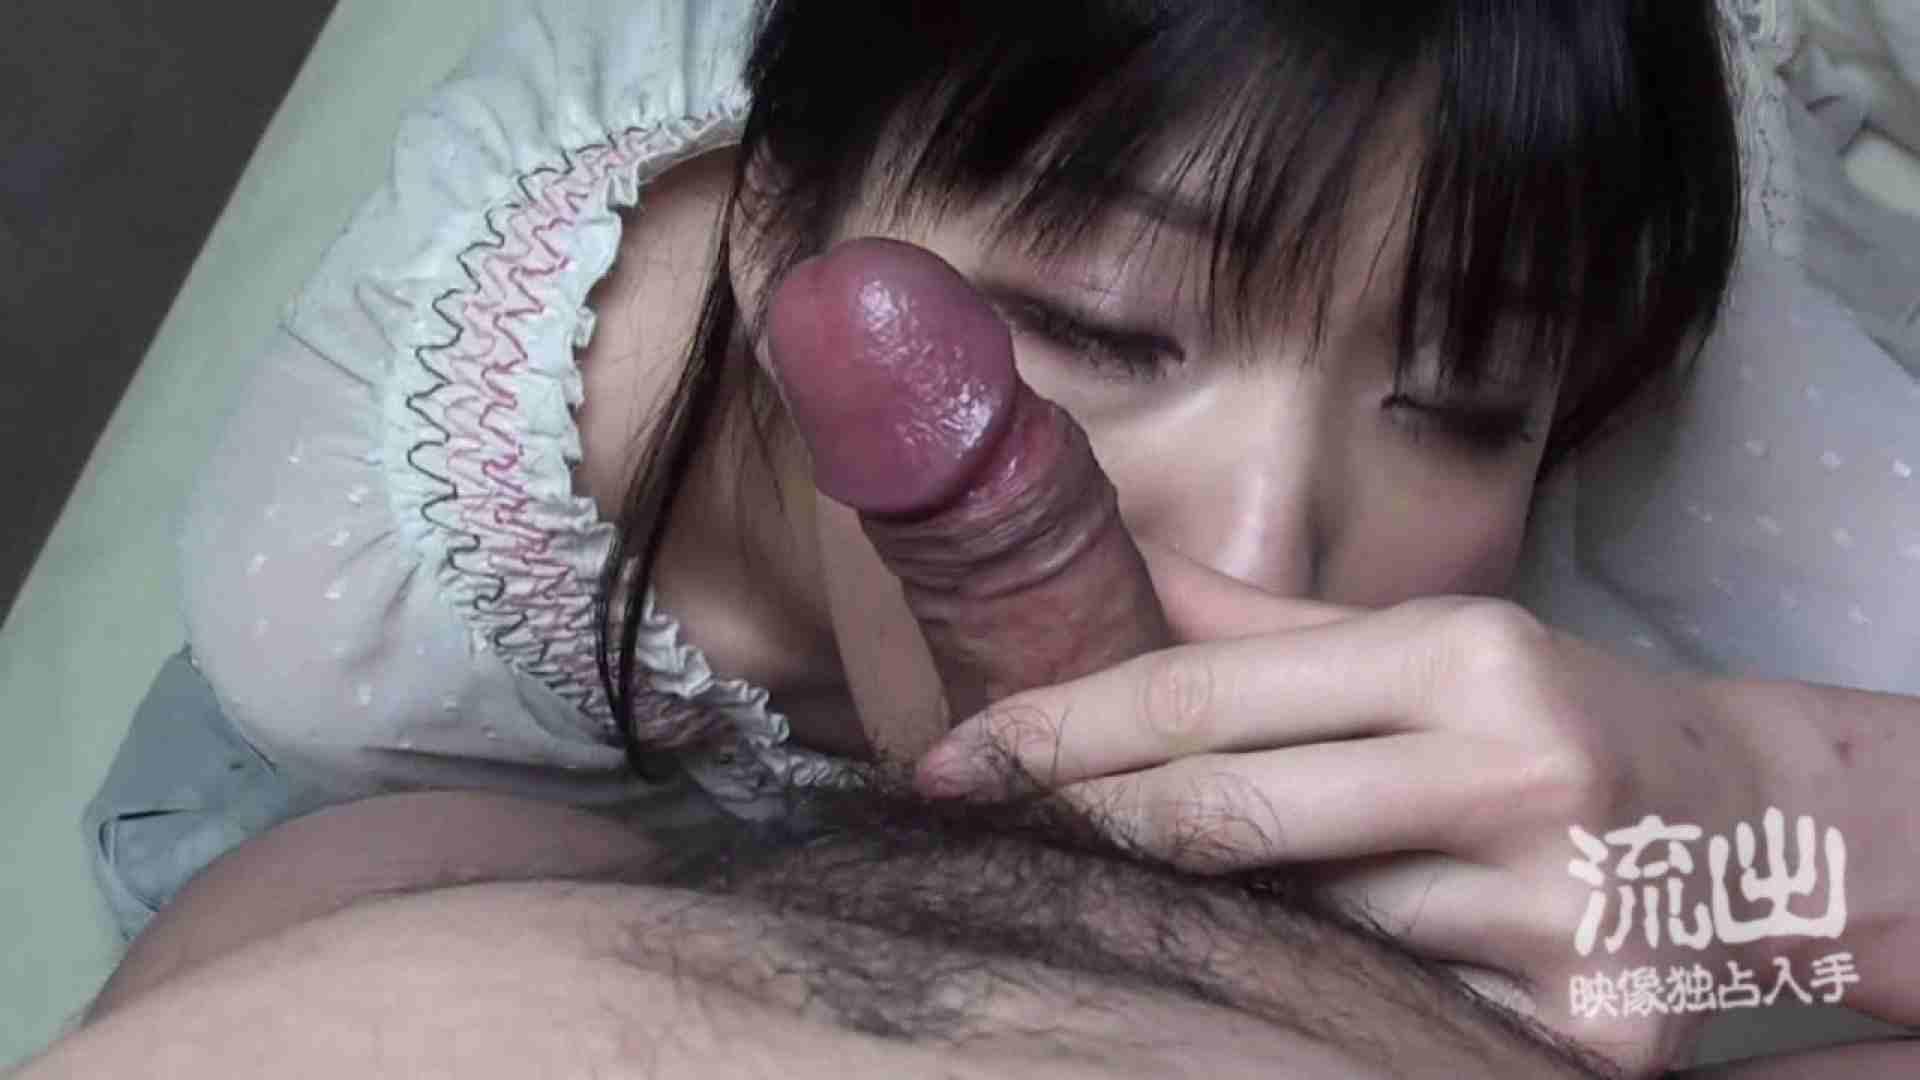 素人流出動画 都内在住マモルくんのファイルvol.3 素人 | HなOL  65pic 58